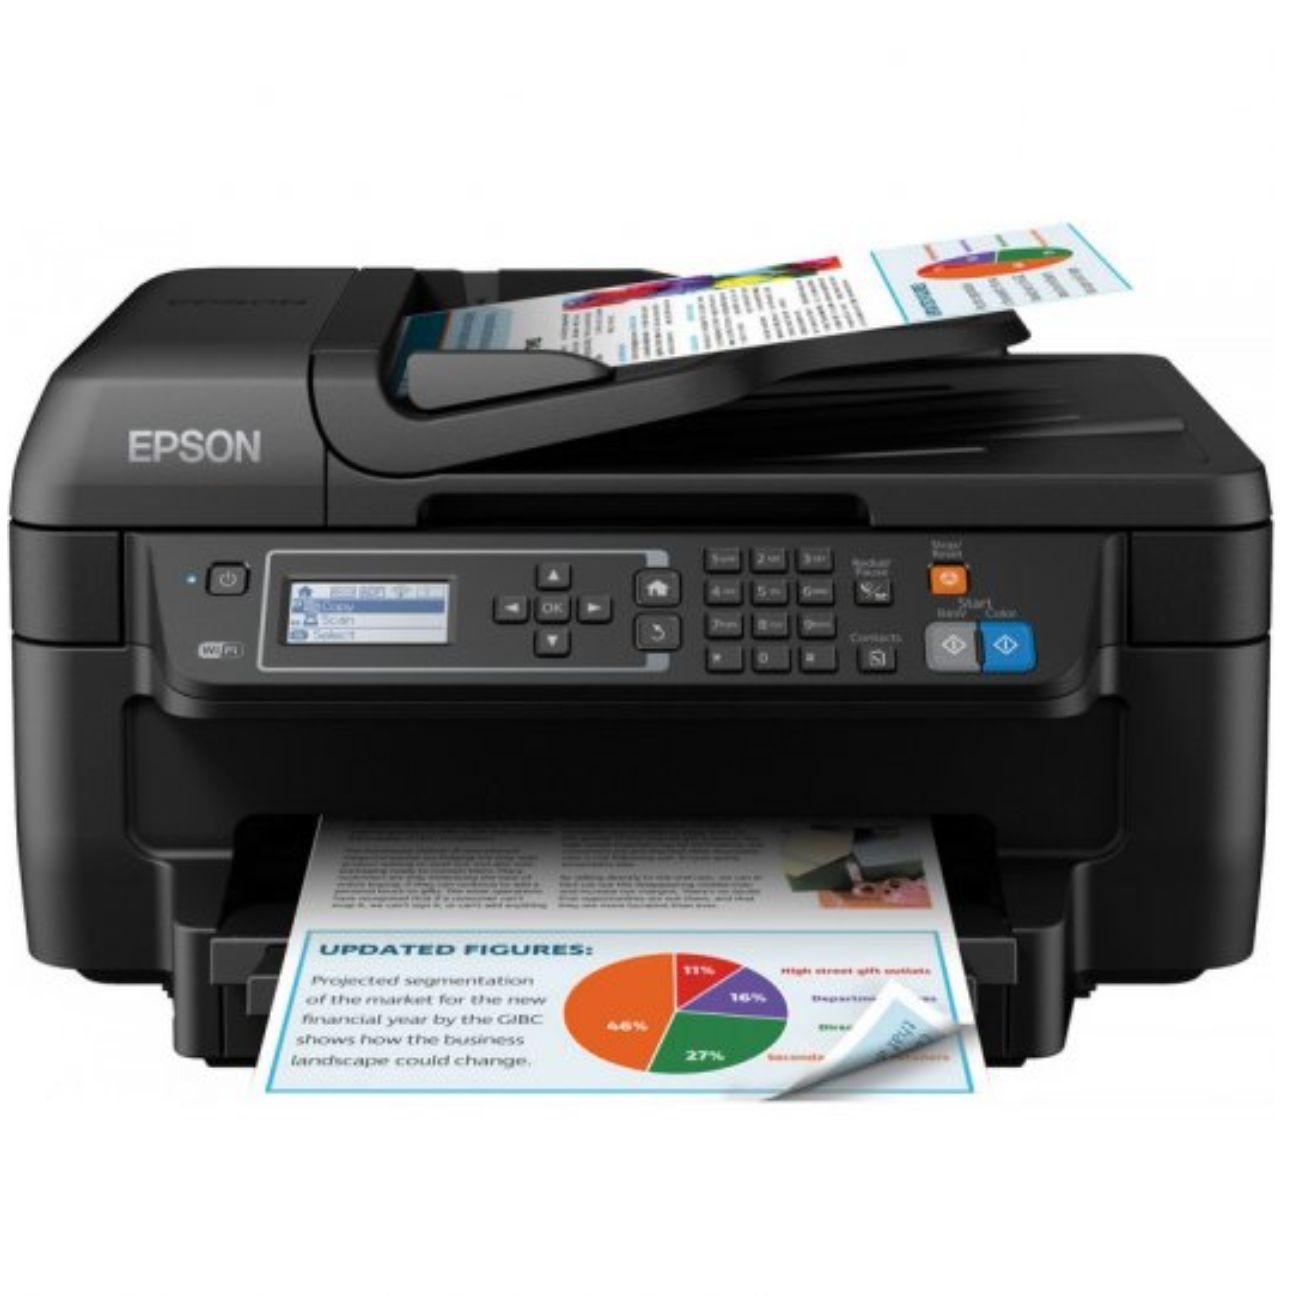 Impresora Epson WorkForce WF-2750DWF